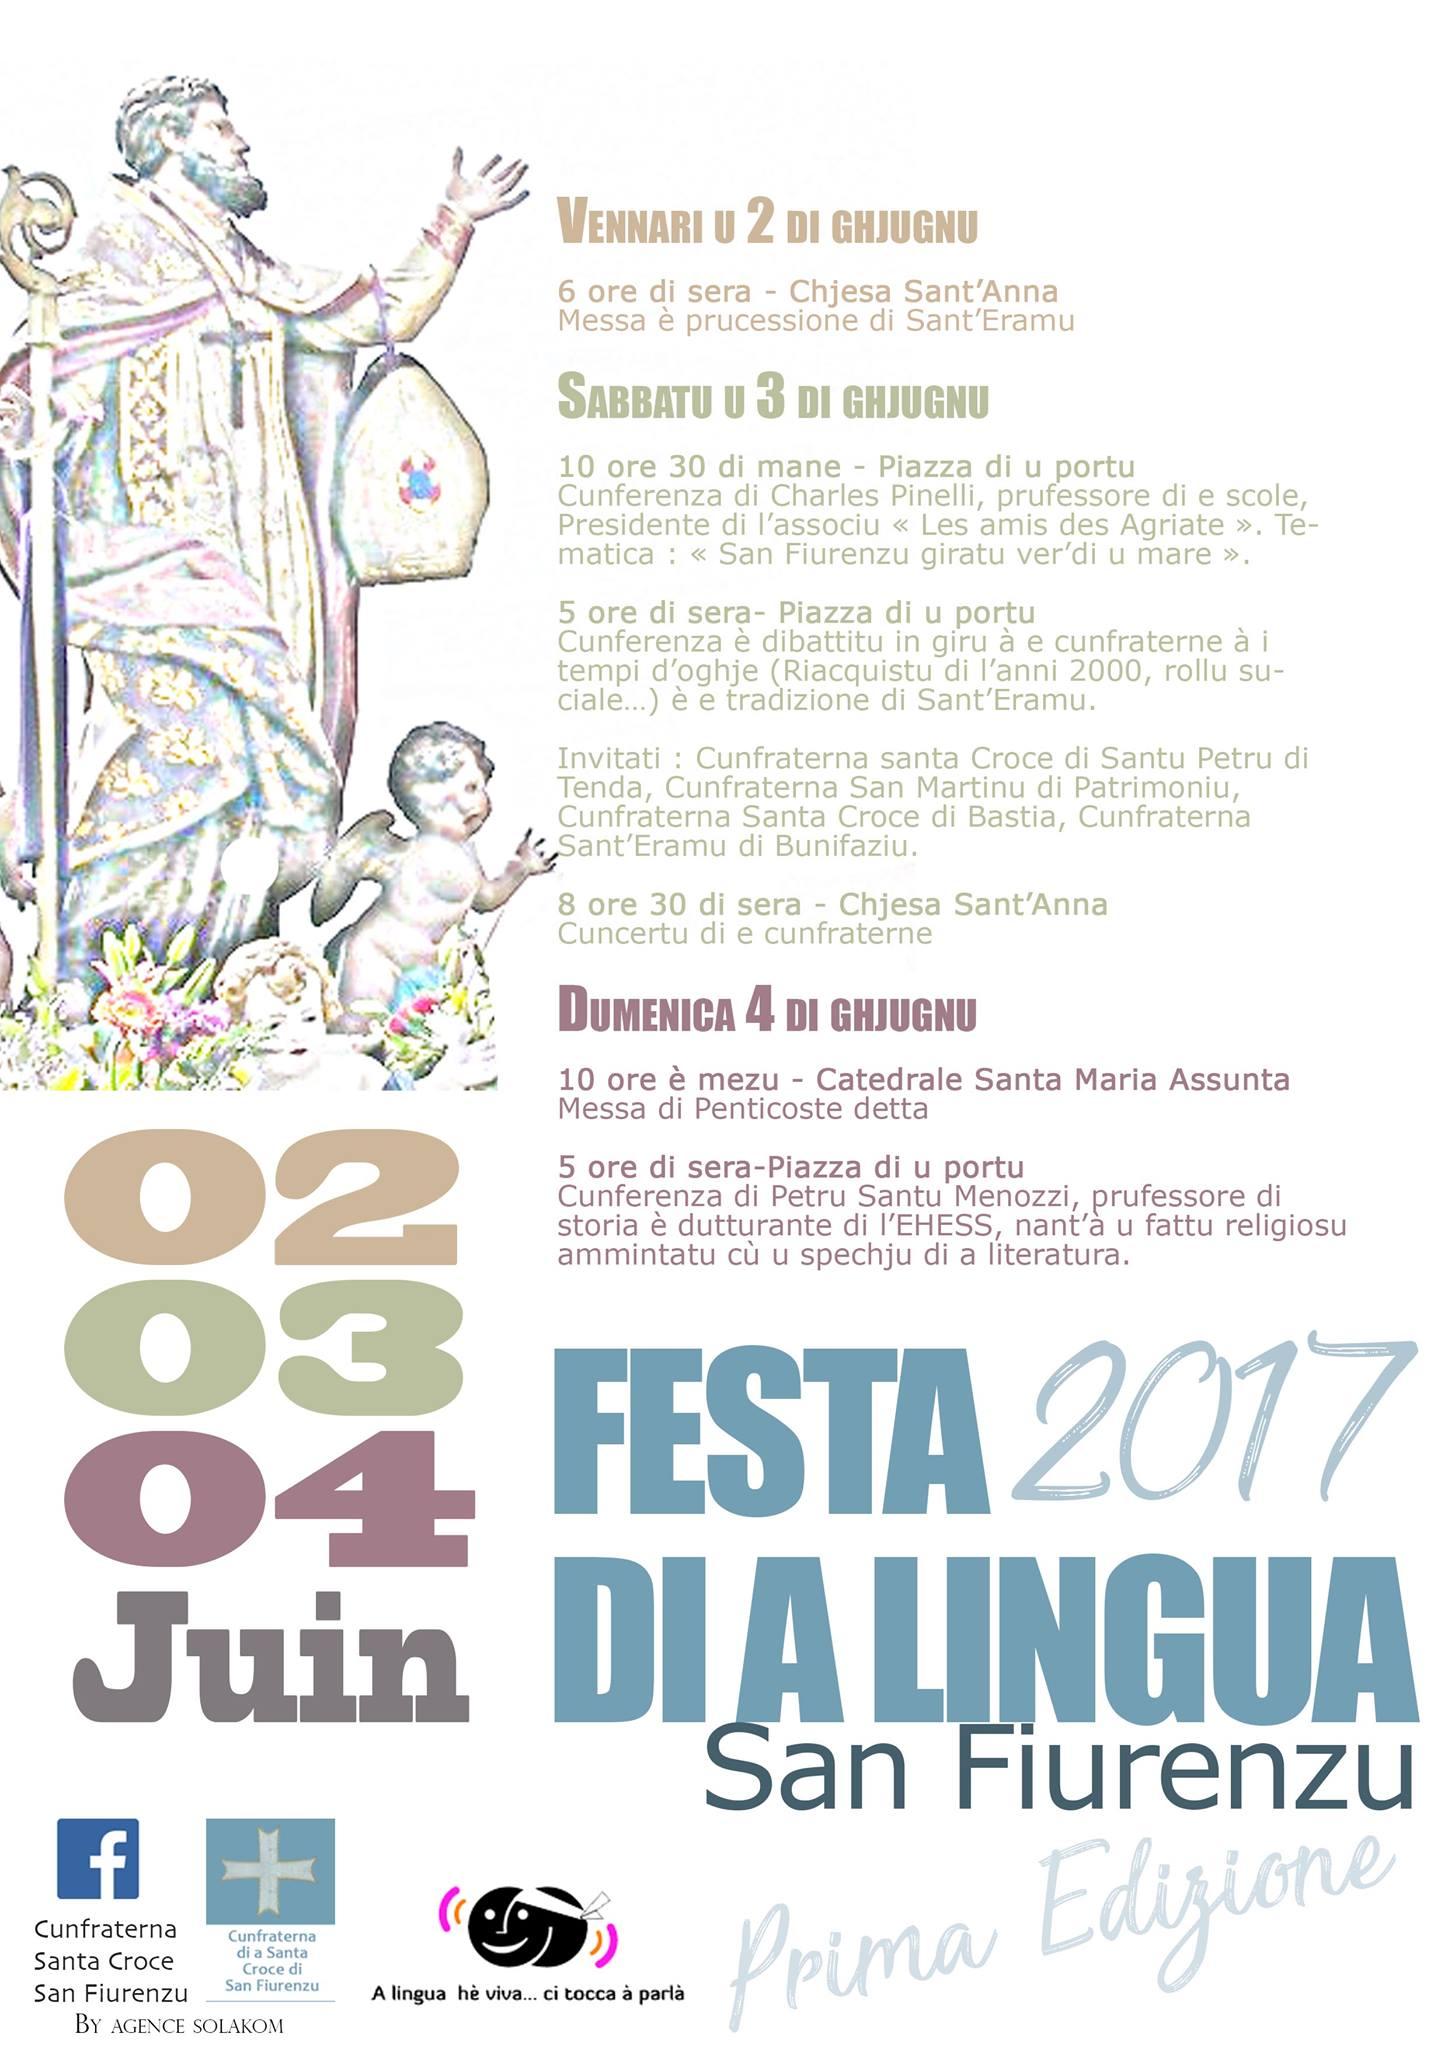 Festa di a lingua corsa in San Fiurenzu